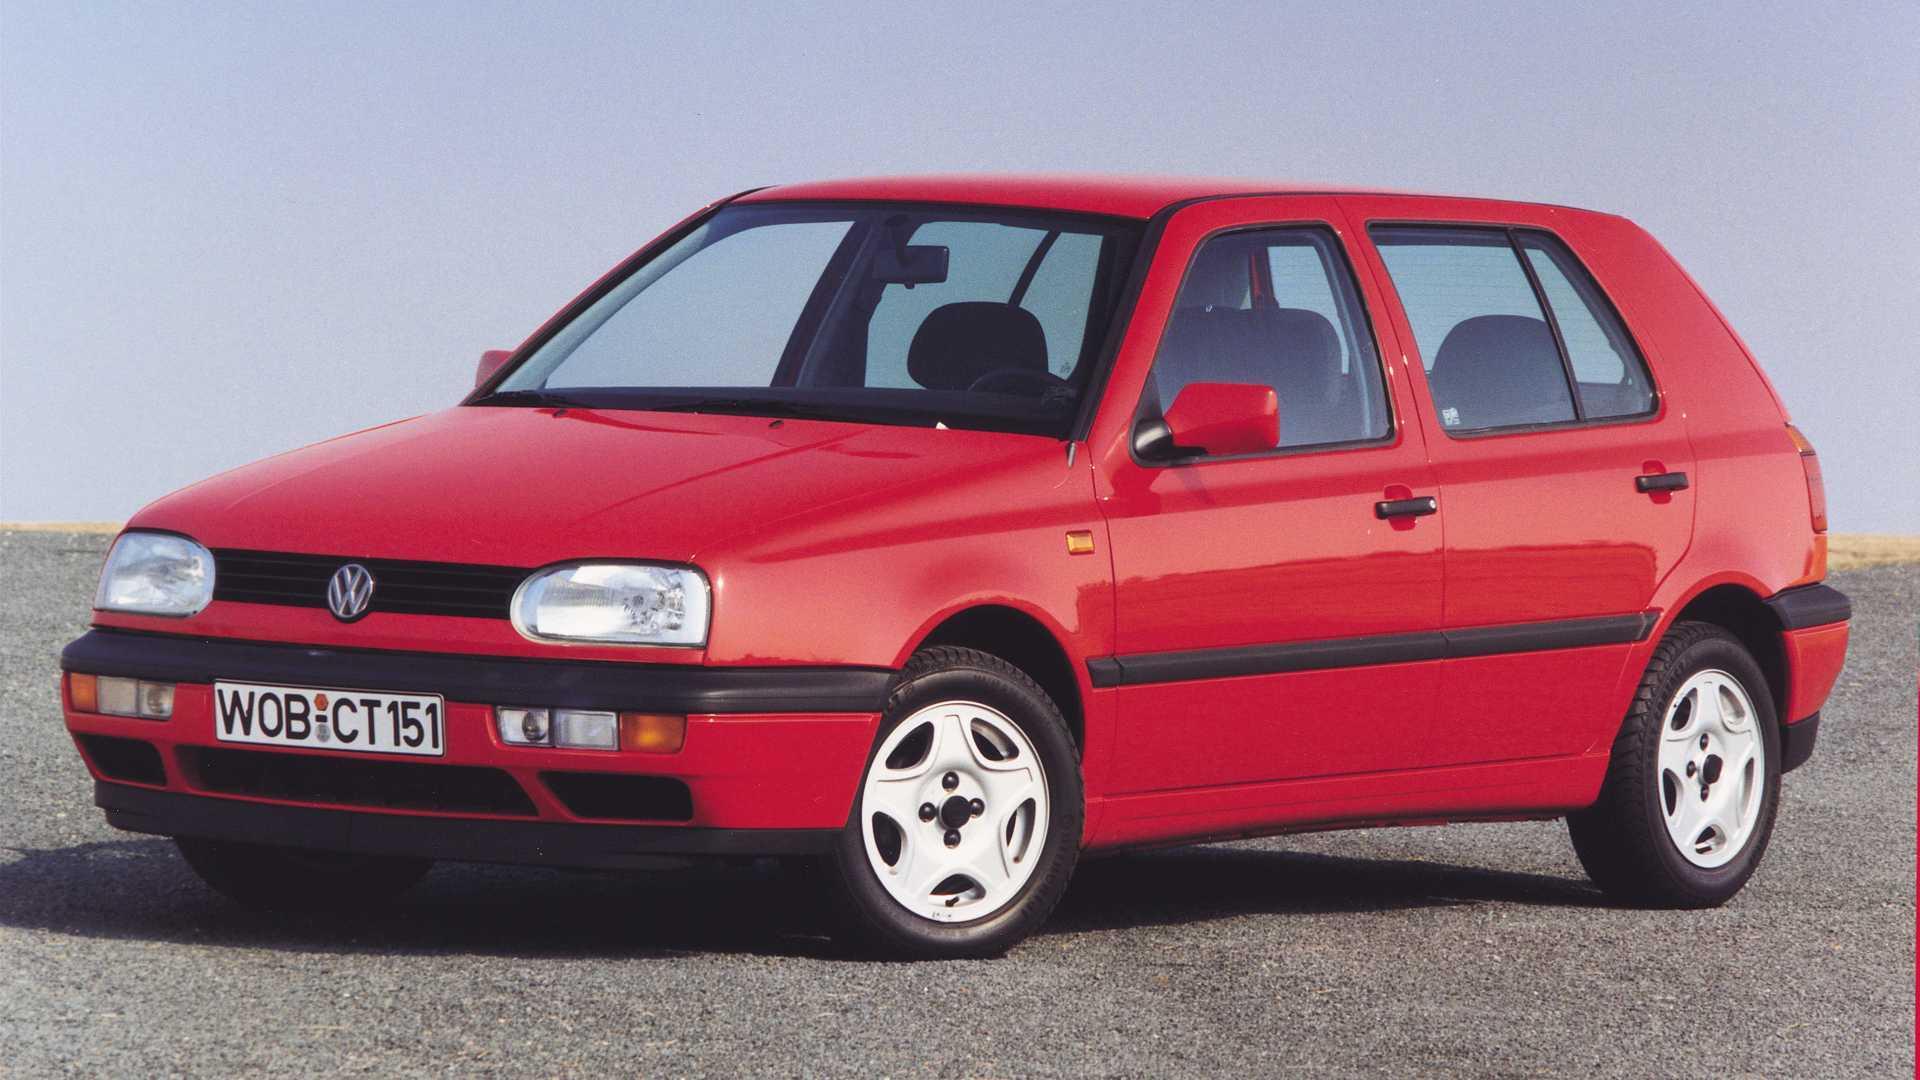 VW Golf im Rückblick: Der Golf III (1991 - 1997)